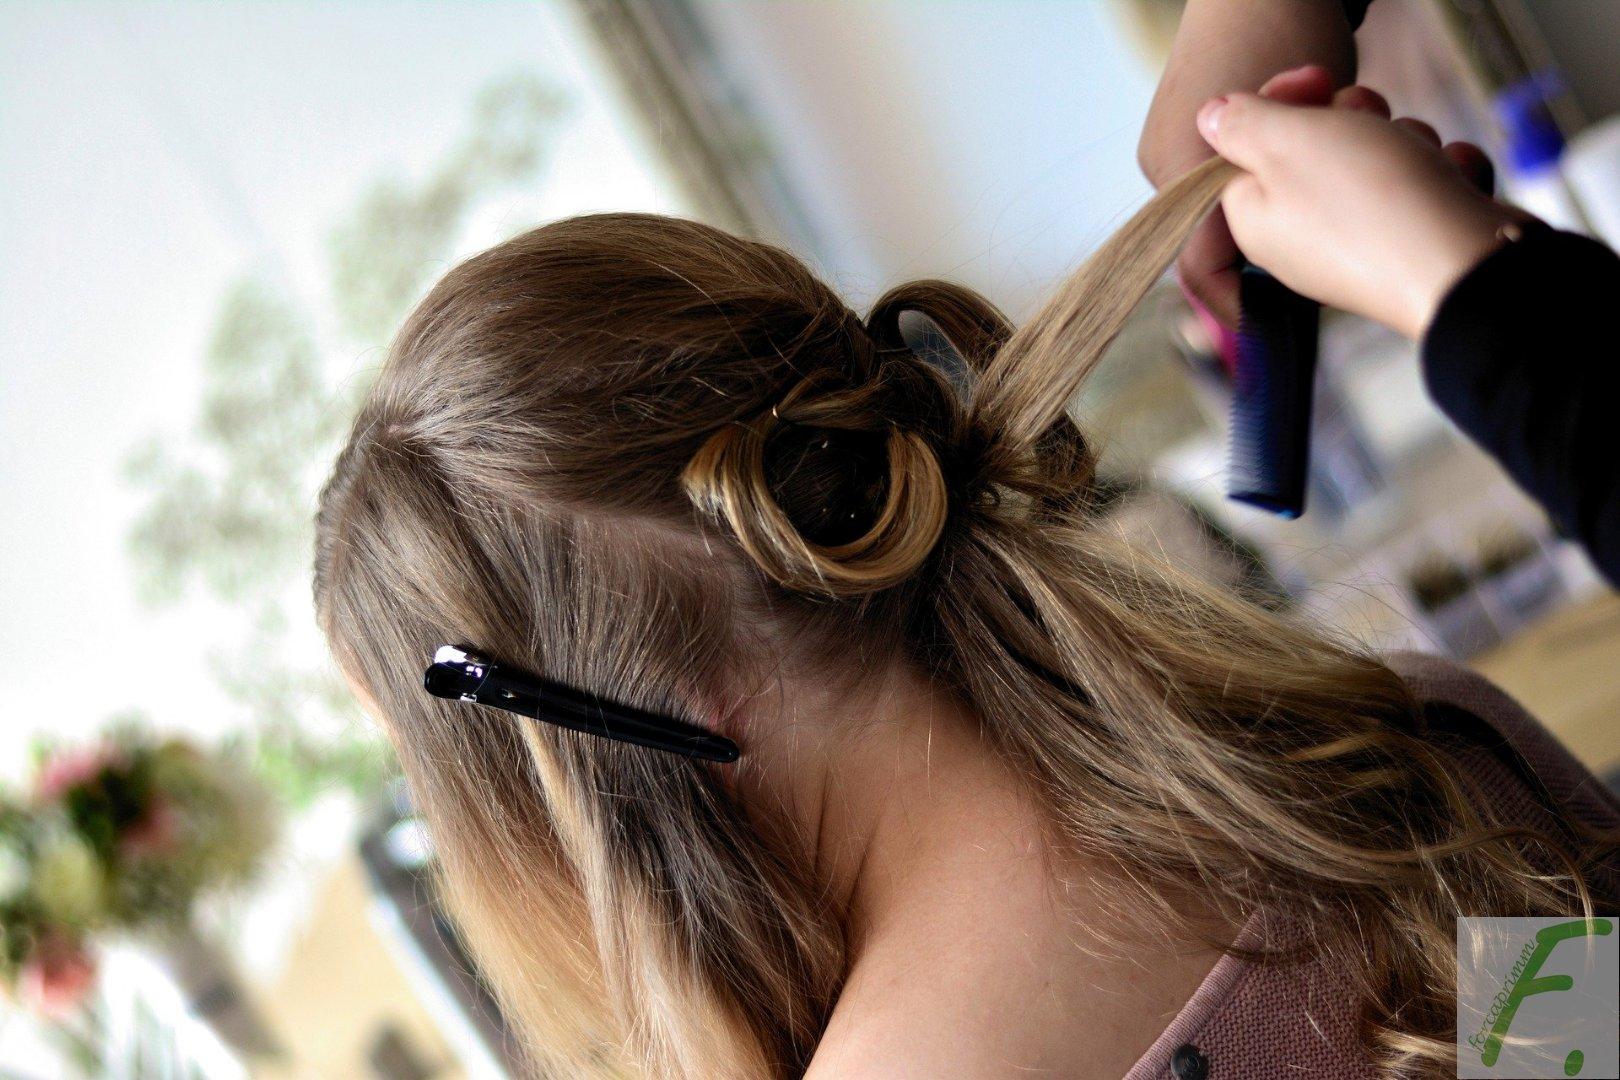 Salon de coiffure - Salon de Coiffure Esthétique Parfumerie